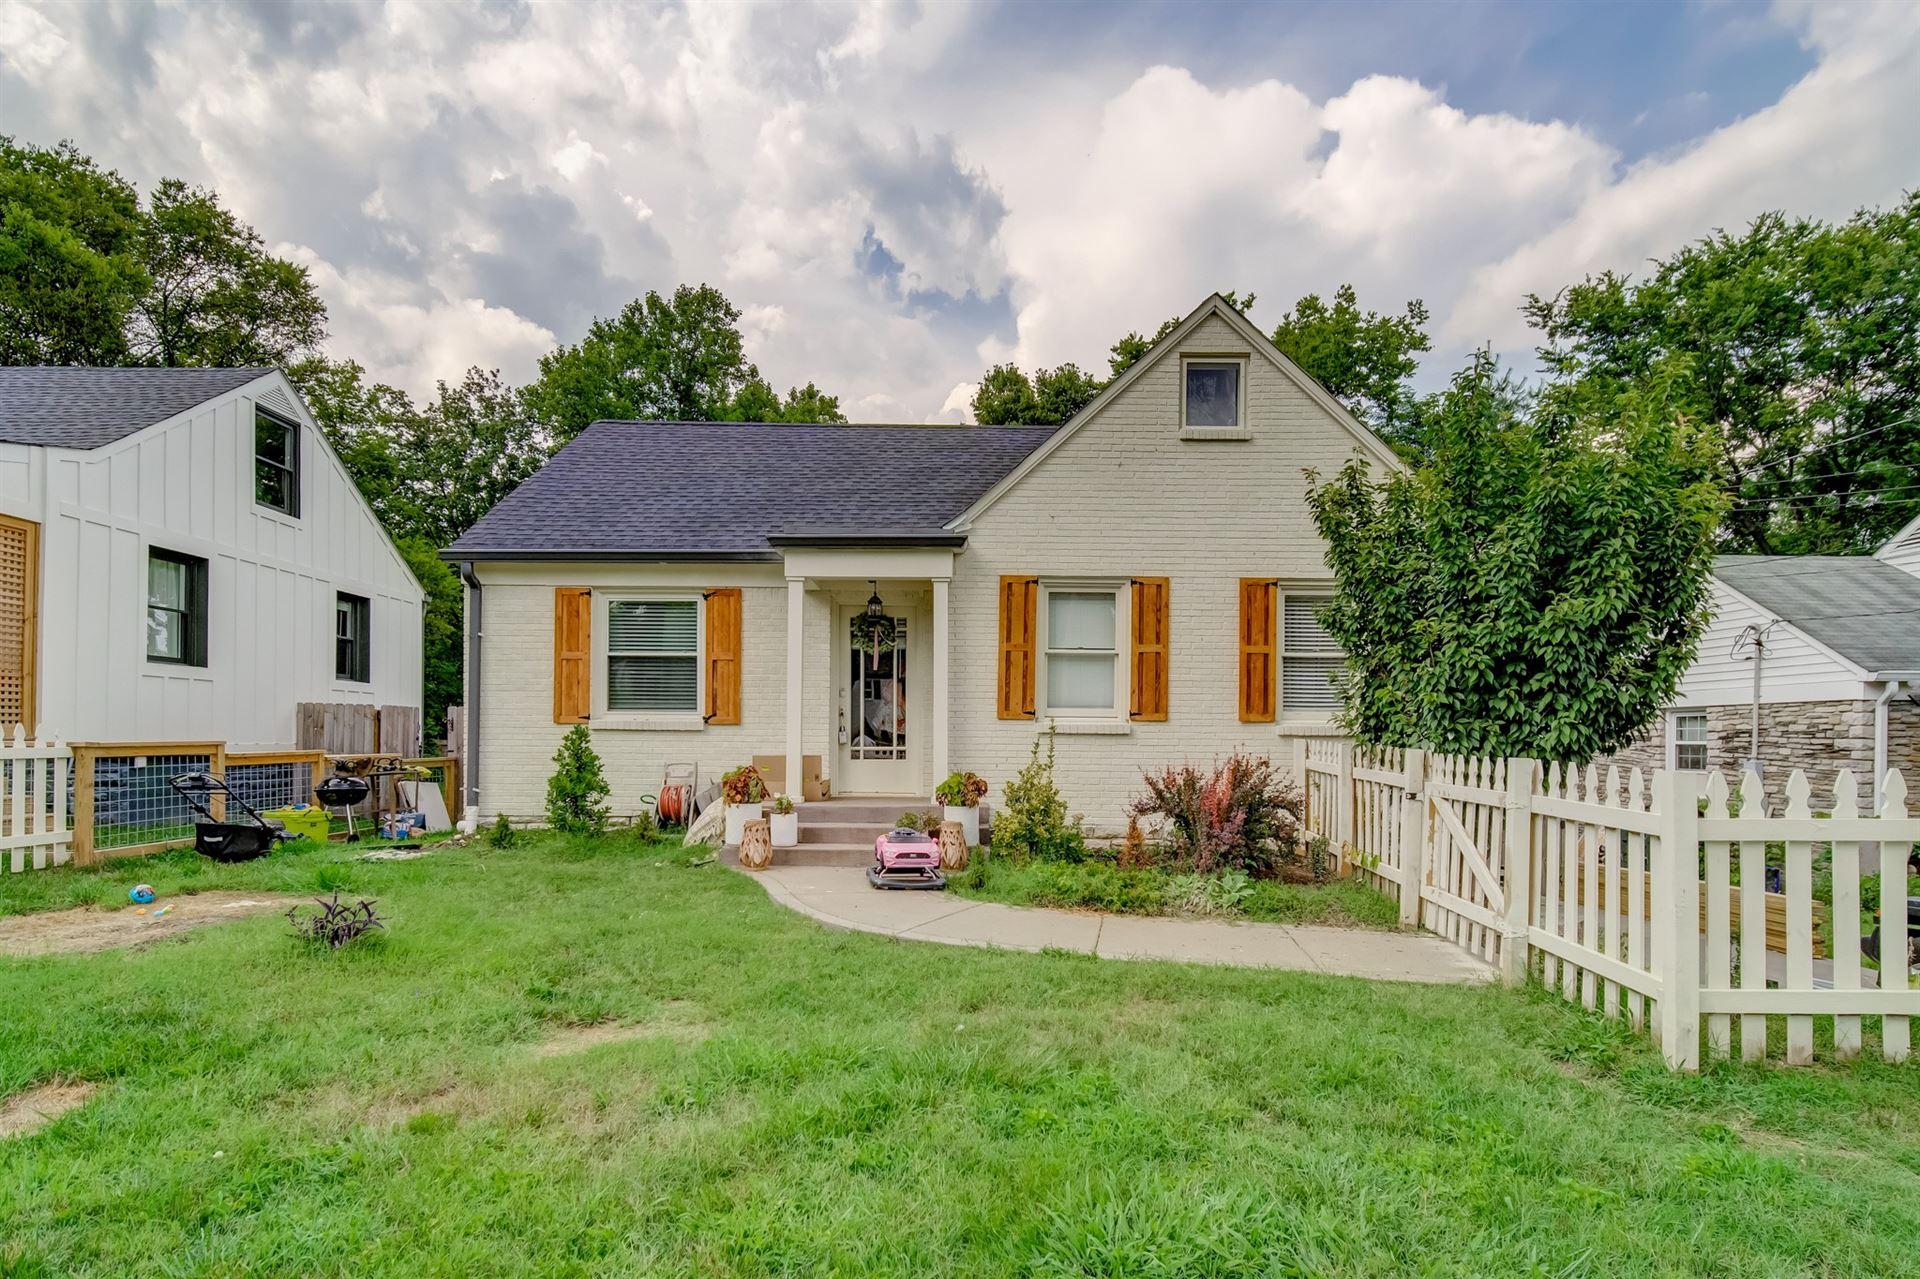 1703 Litton Ave, Nashville, TN 37216 - MLS#: 2274783